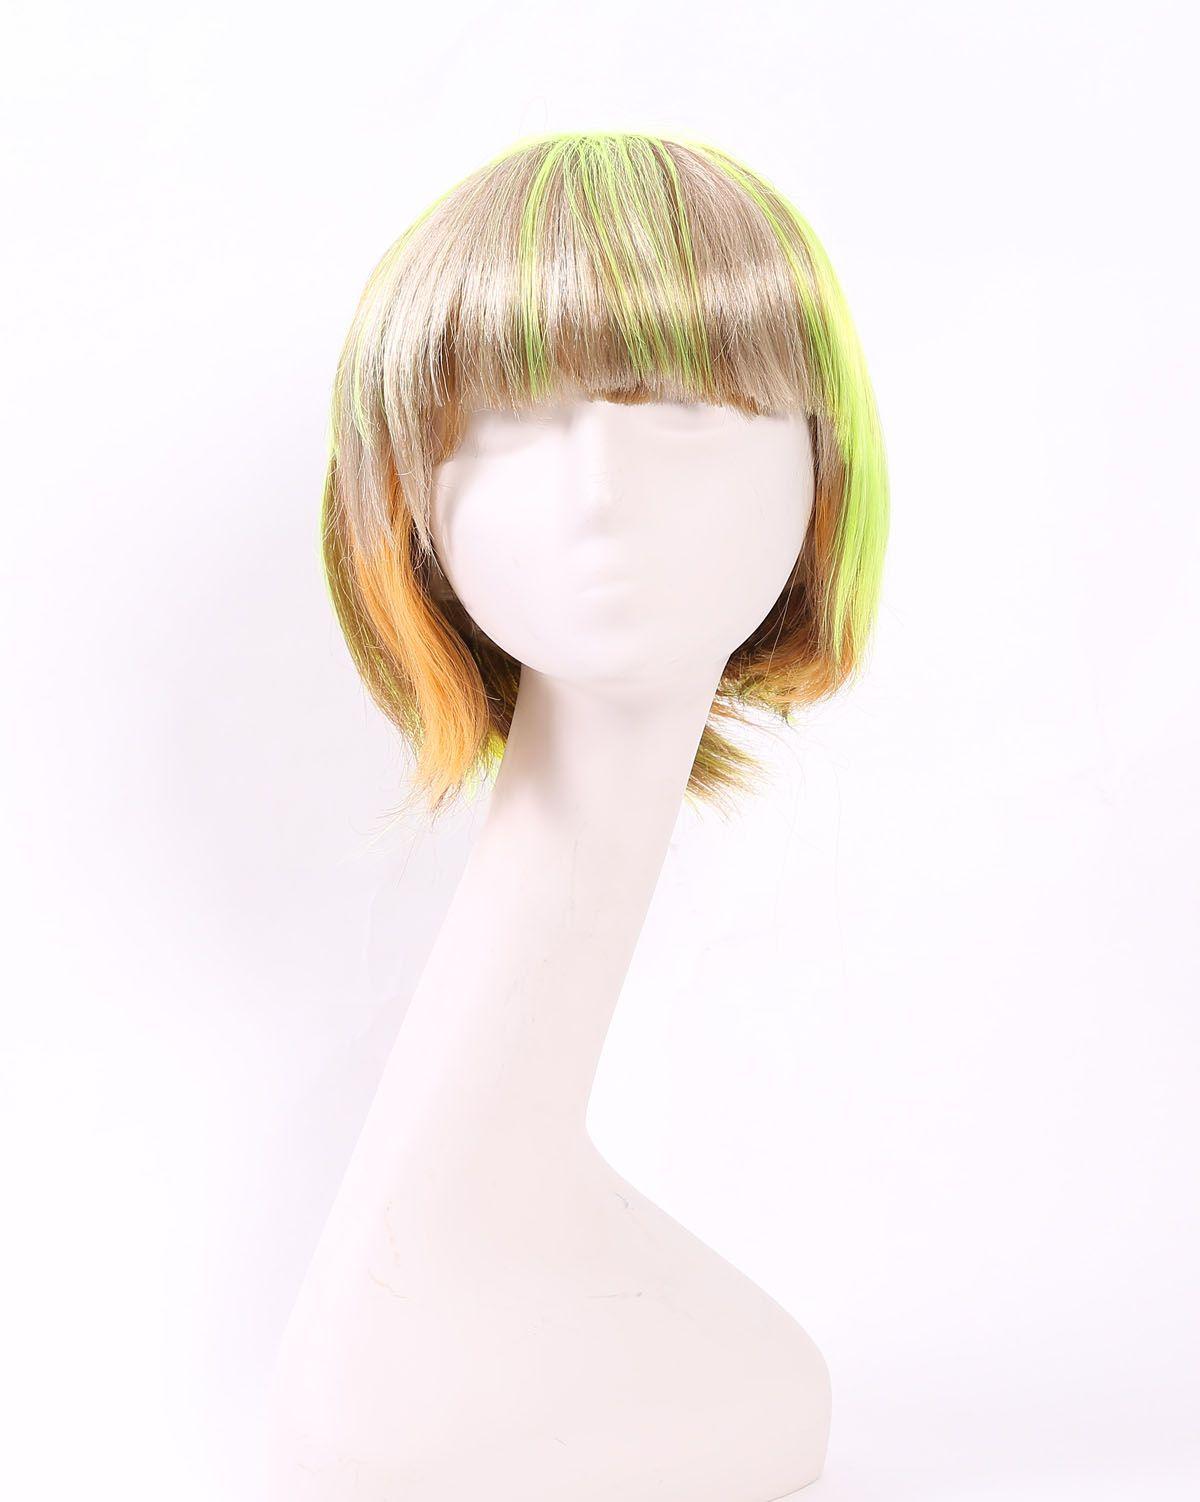 外贸热销化纤假发女彩色棕色黄色短发BOB头学生发万圣节头套批发